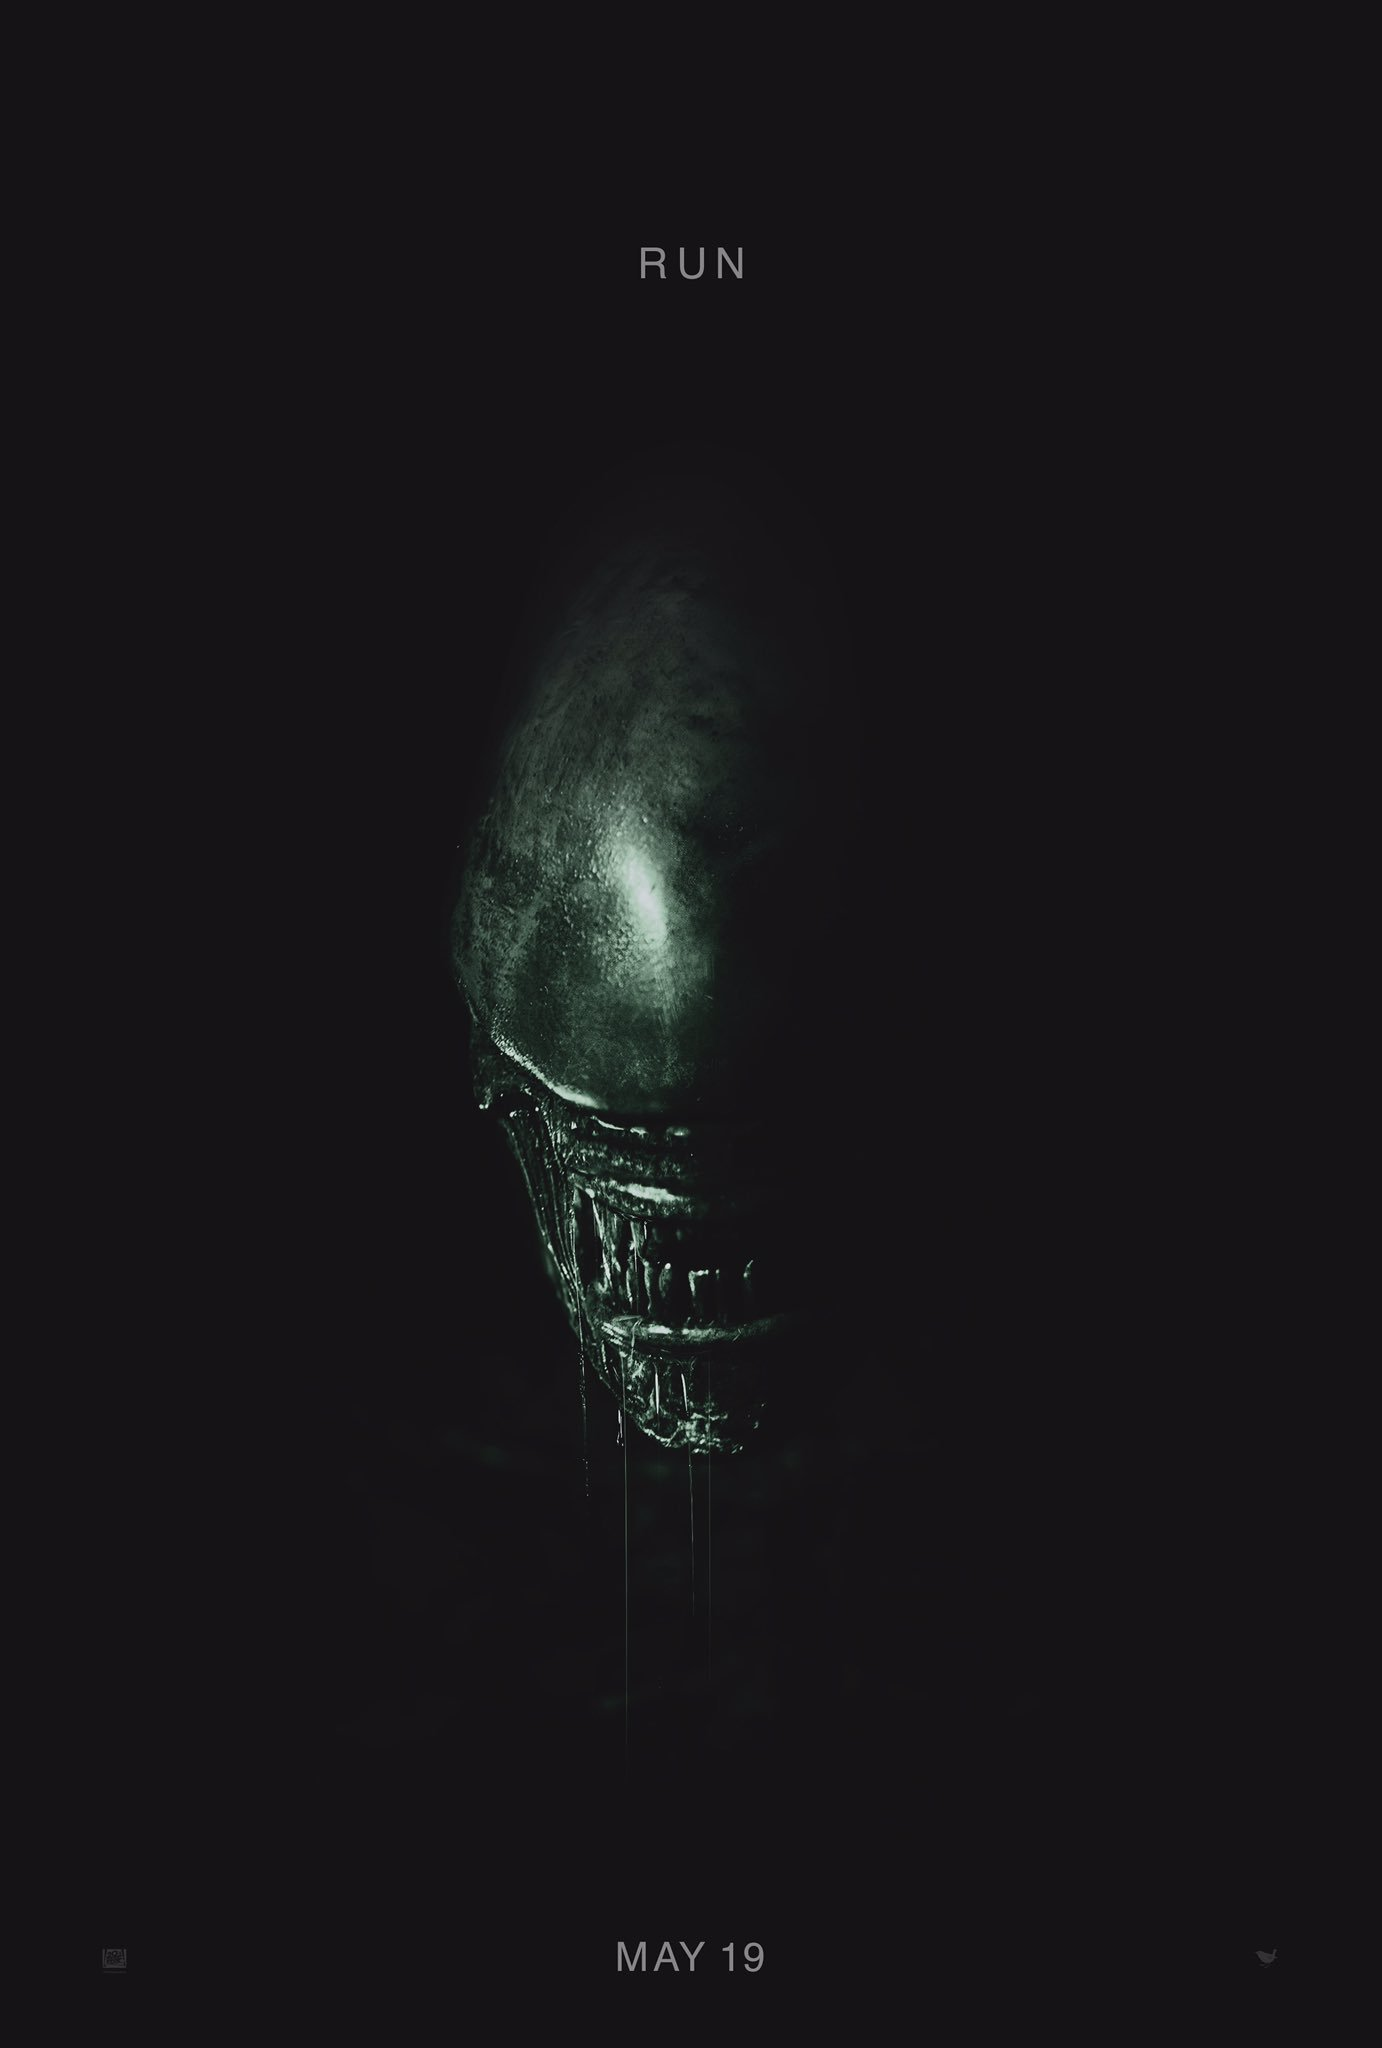 szmk_alien_covenant_poster_2.jpg